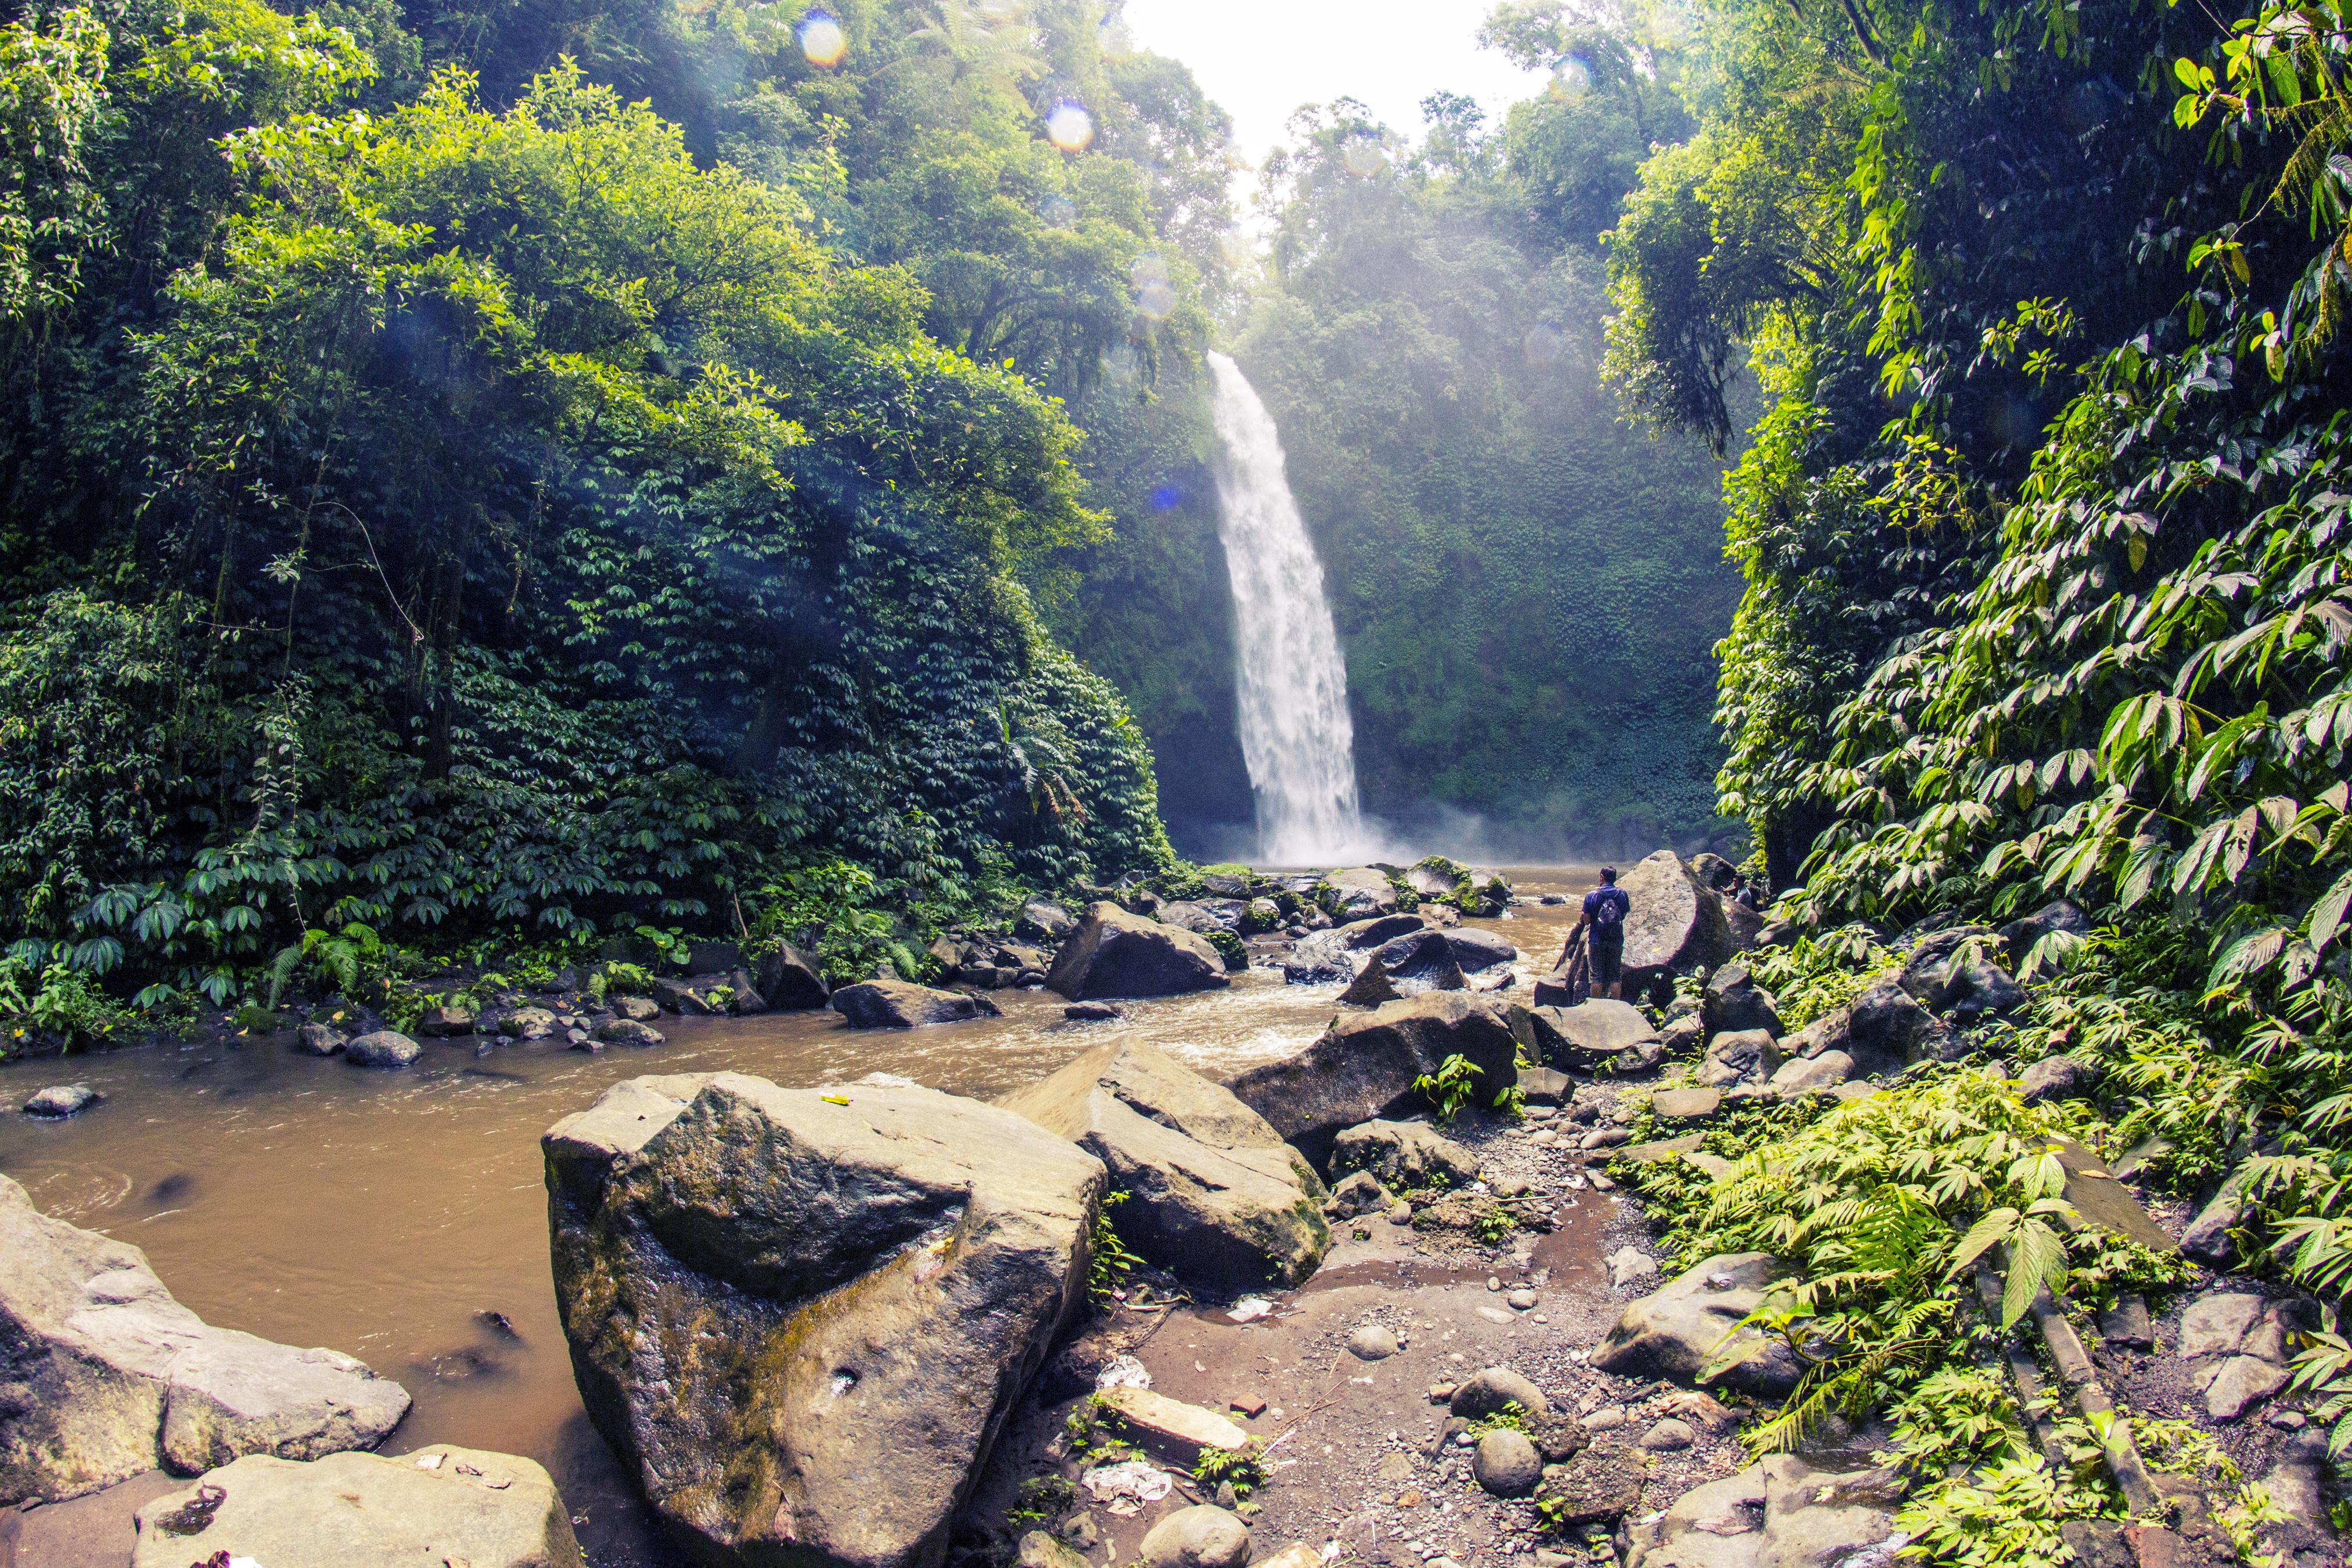 Обои для рабочего стола Индонезия Bali Скала Природа Водопады Тропики Камень Кусты 4050x2700 Утес скалы скале тропический Камни кустов